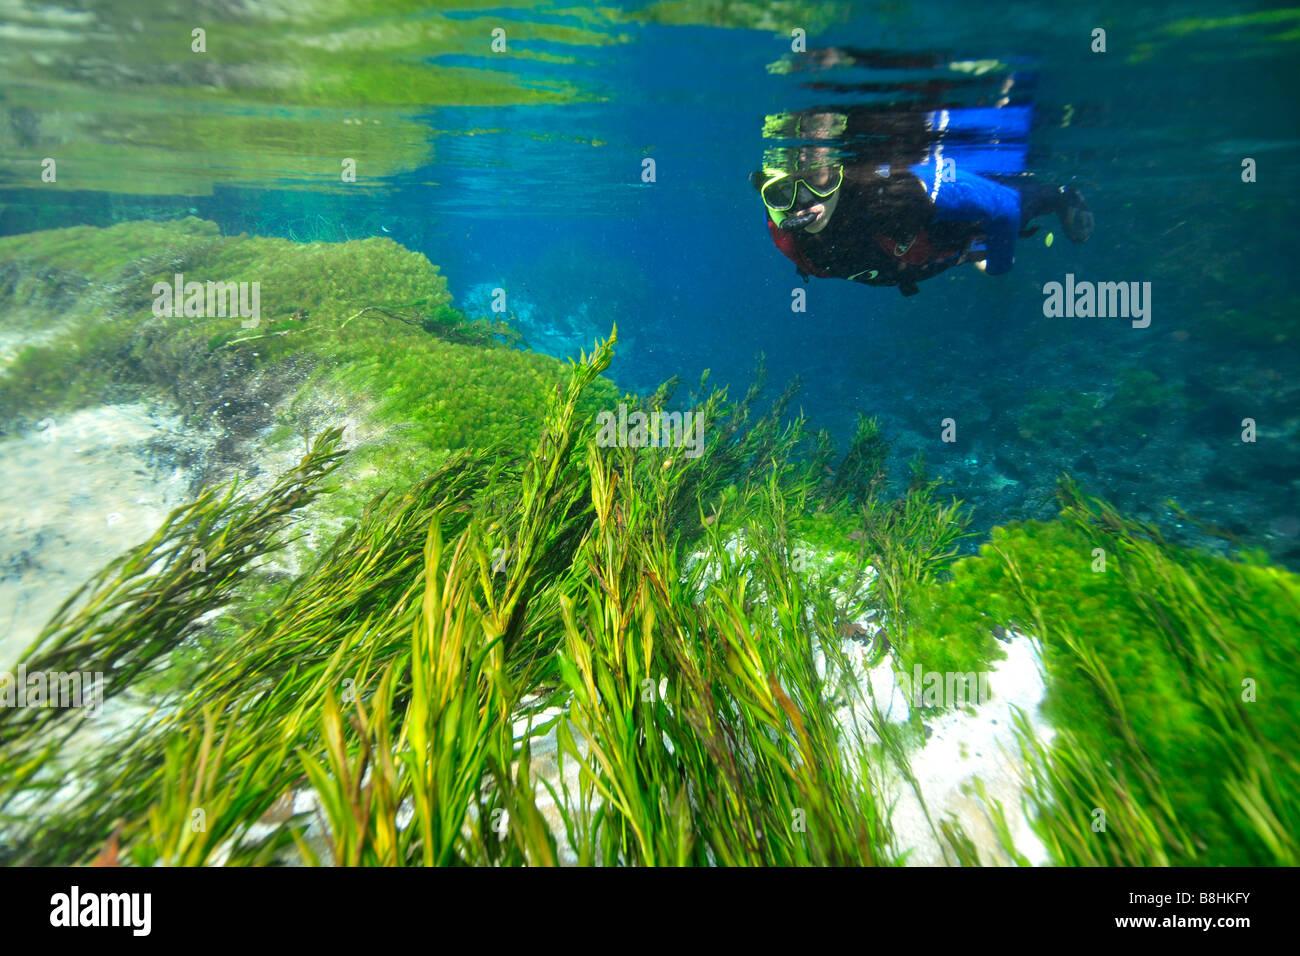 La végétation sous-marine et plongée au fleuve Sucuri Bonito Mato Grosso do Sul, Brésil Photo Stock